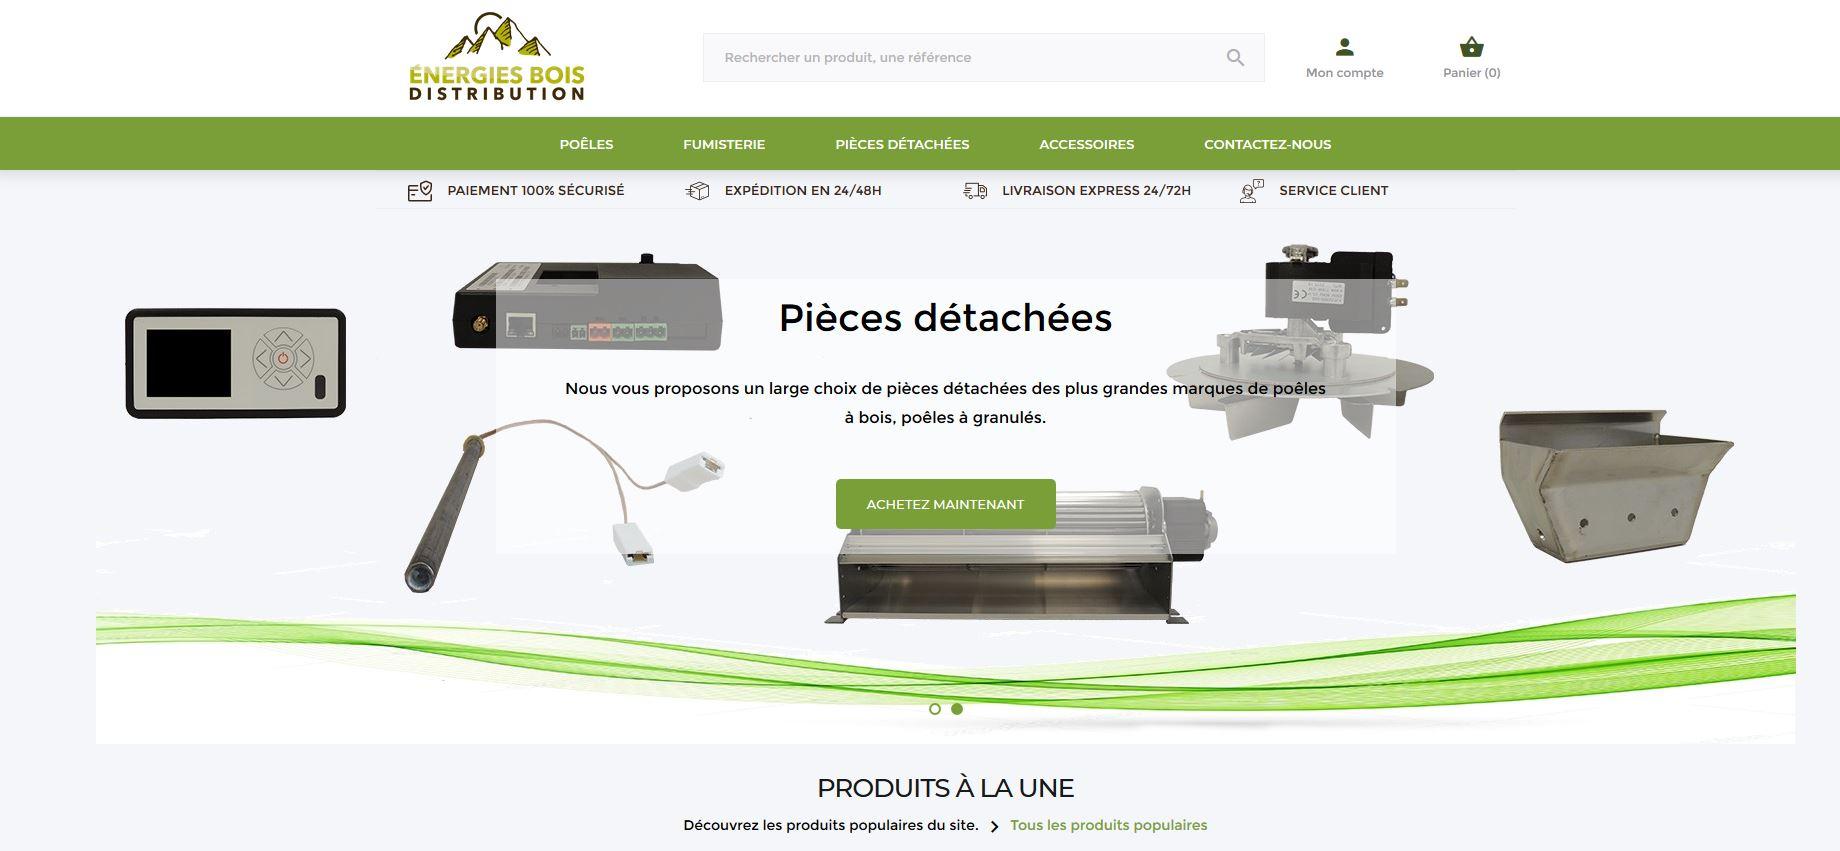 Connexion réussie pour Energies bois Distribution entre sa gestion commerciale Sage et son site ecommerce PrestaShop